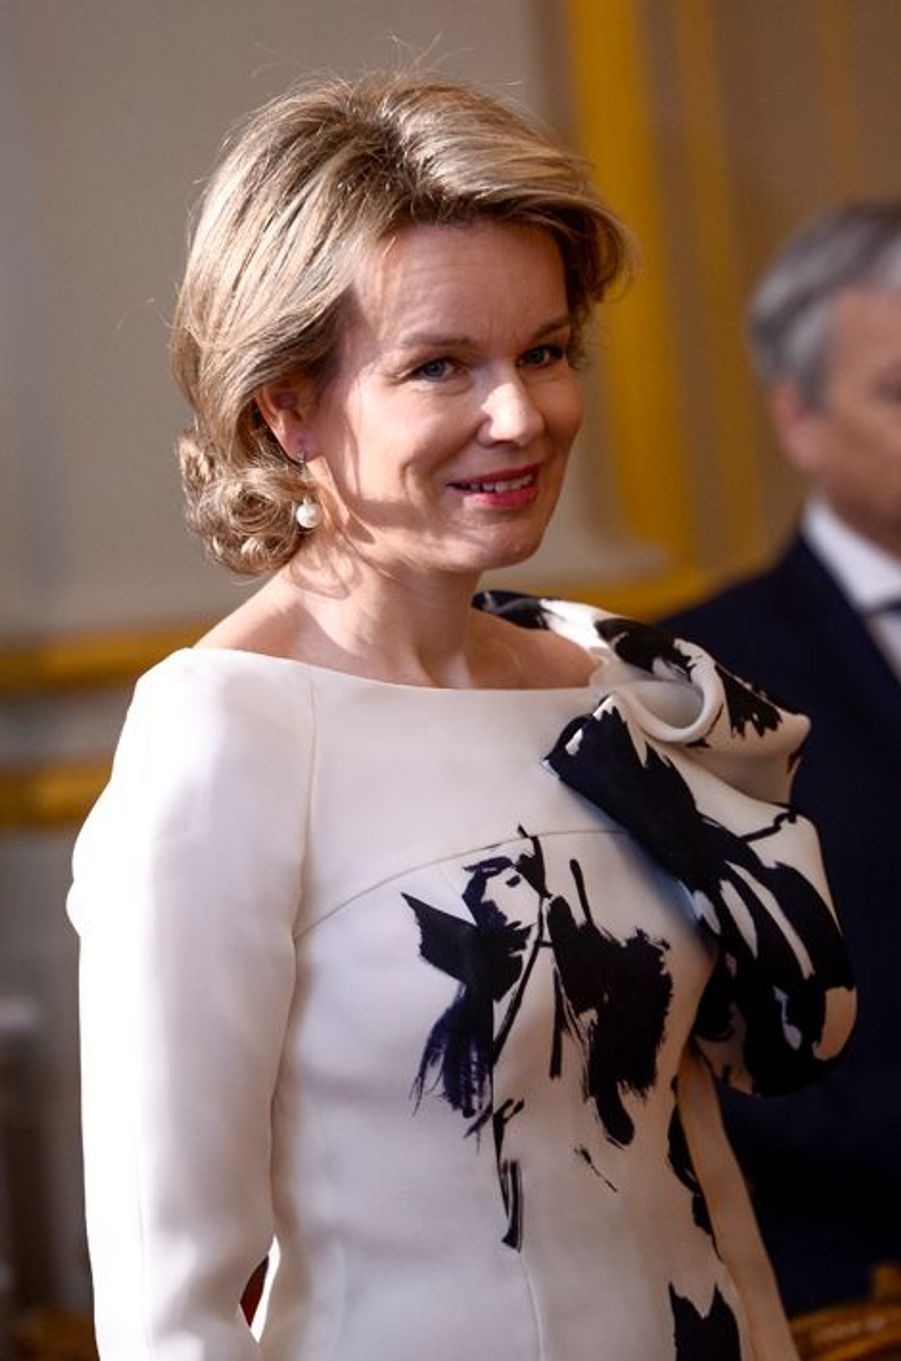 La reine Mathilde de Belgique au Palais royal à Bruxelles le 7 janvier 2016